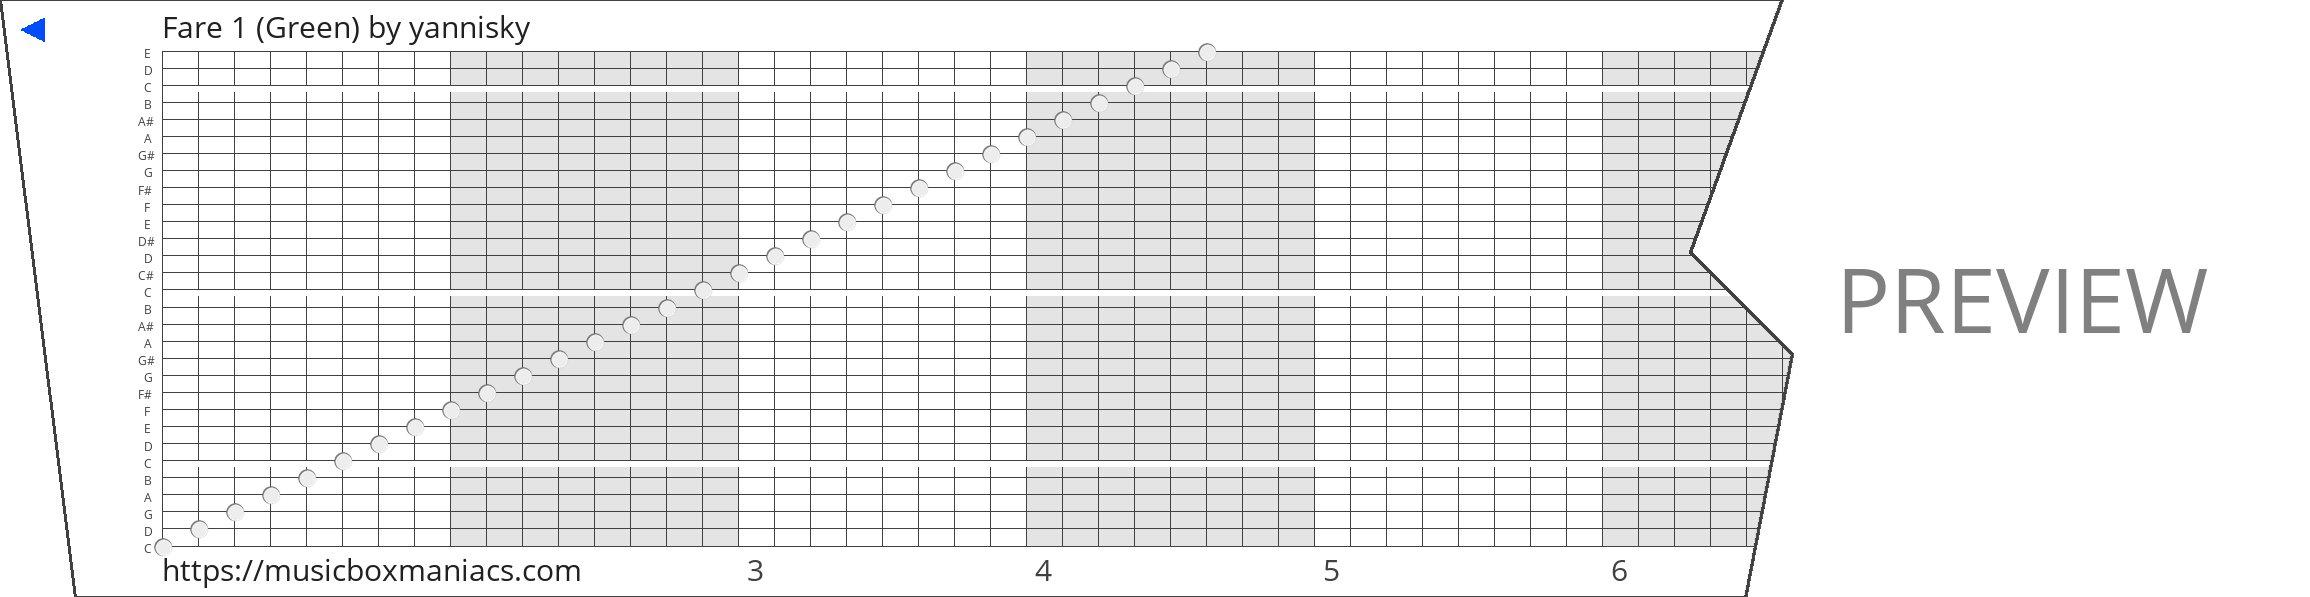 Fare 1 (Green) 30 note music box paper strip